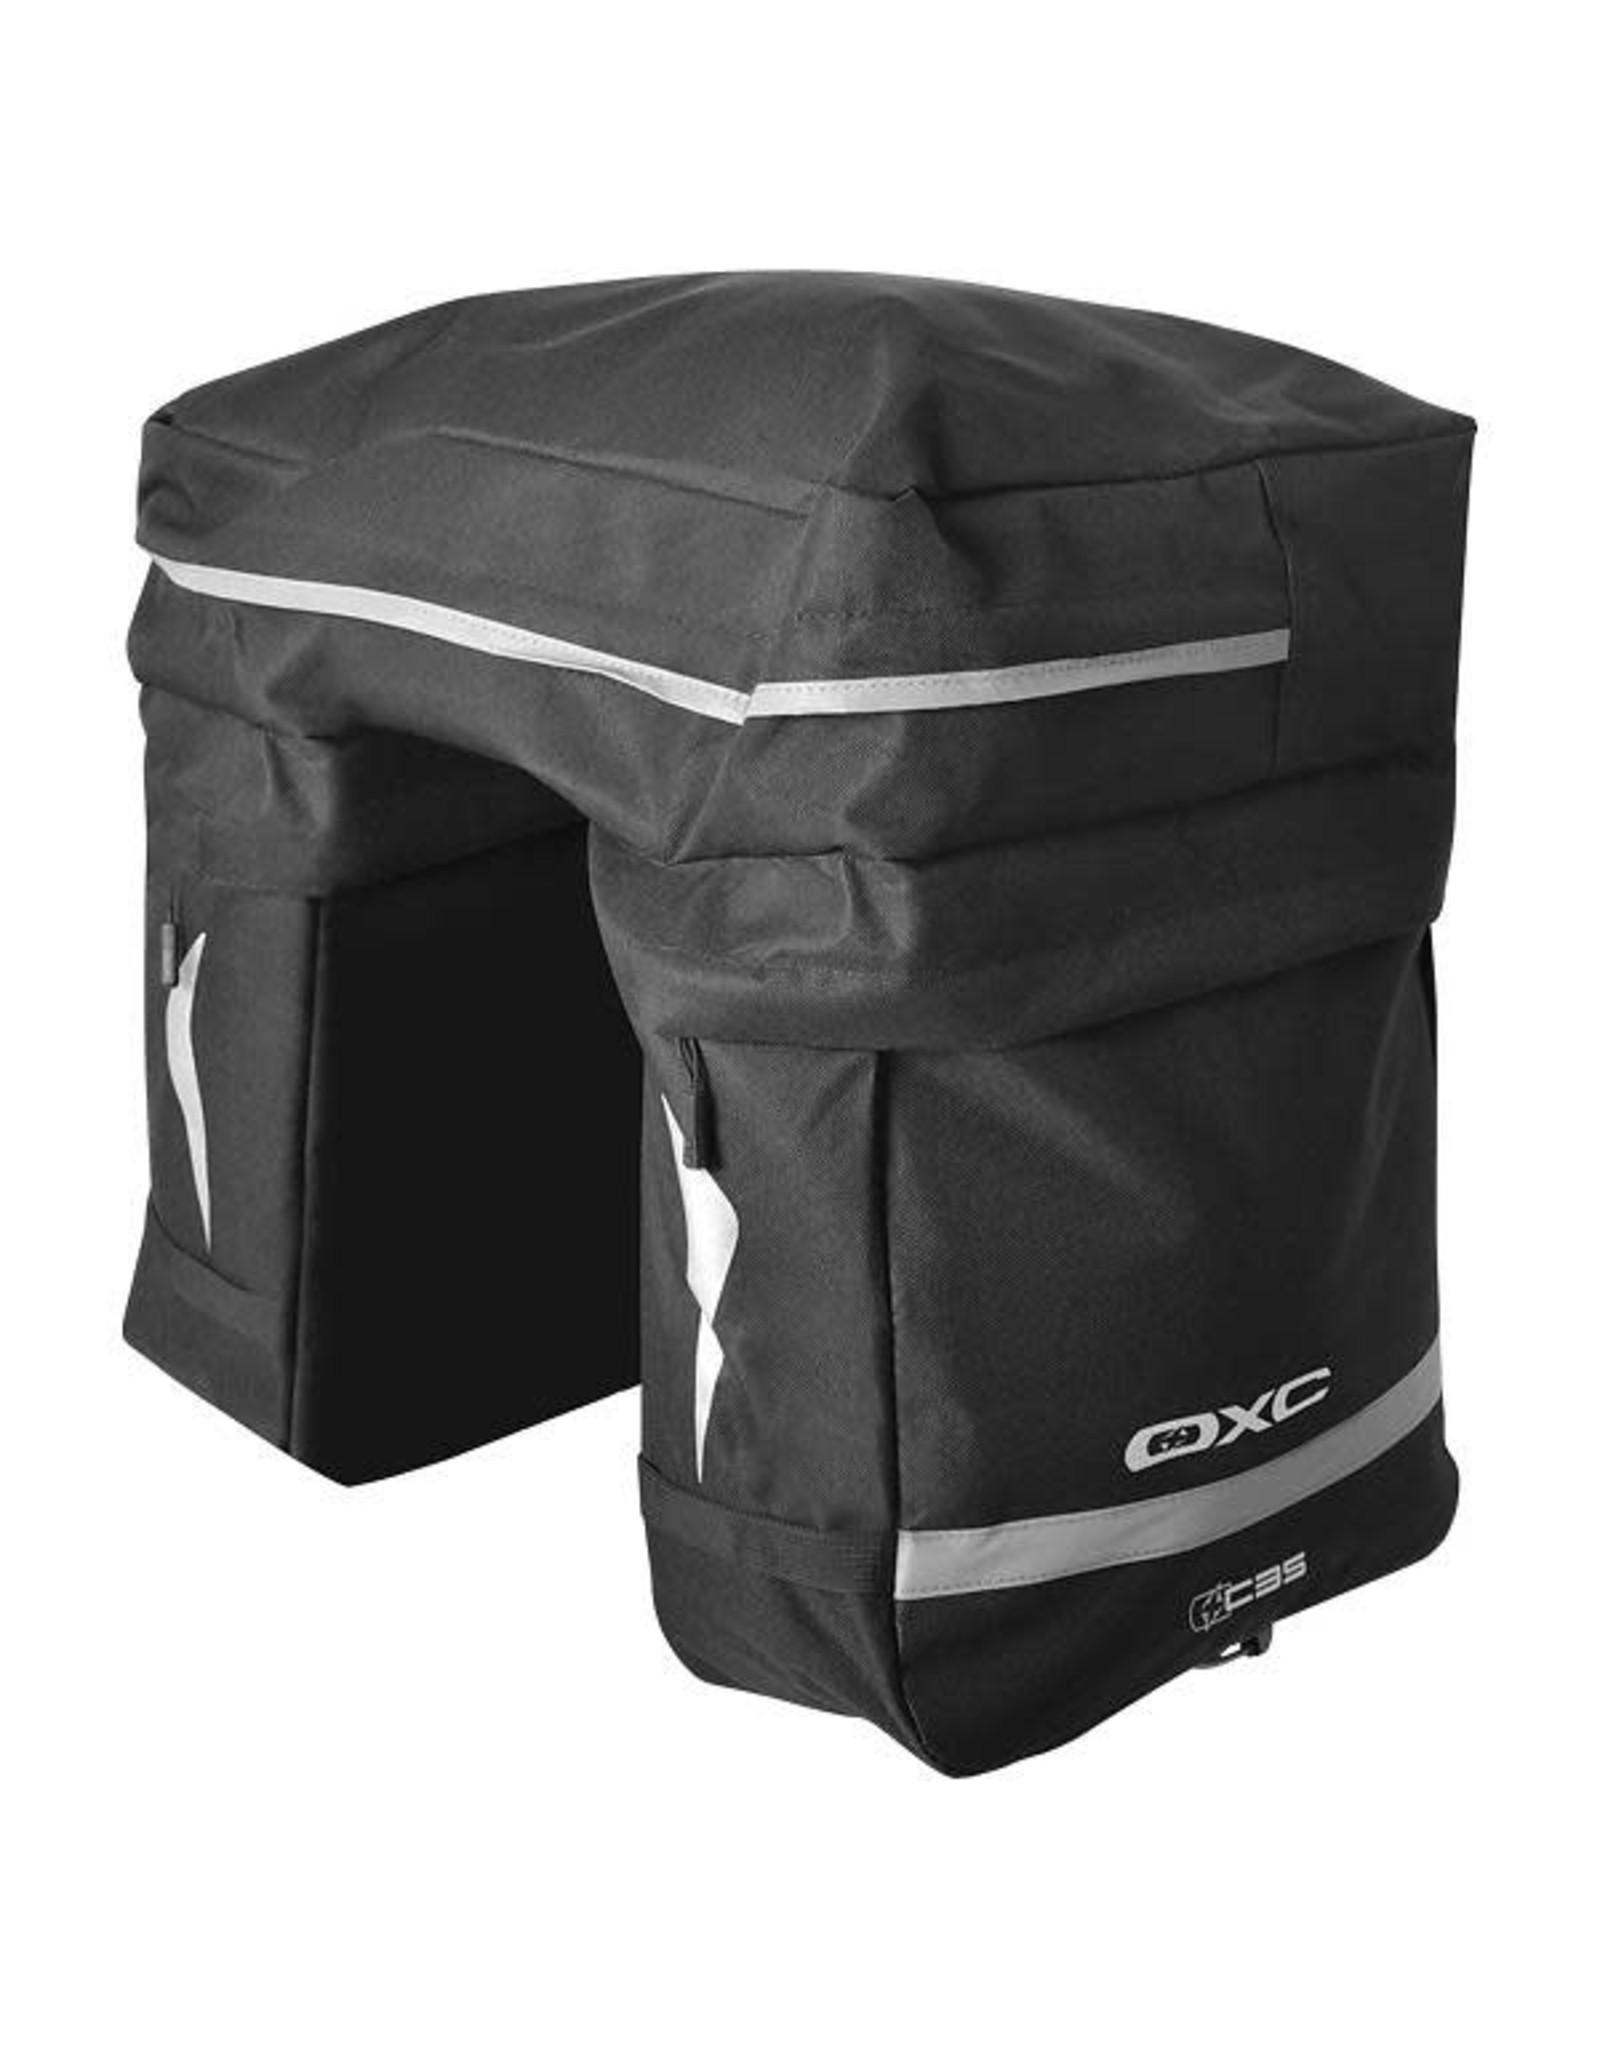 C35 Triple Panier Bag/Sac 35L Black / Noir